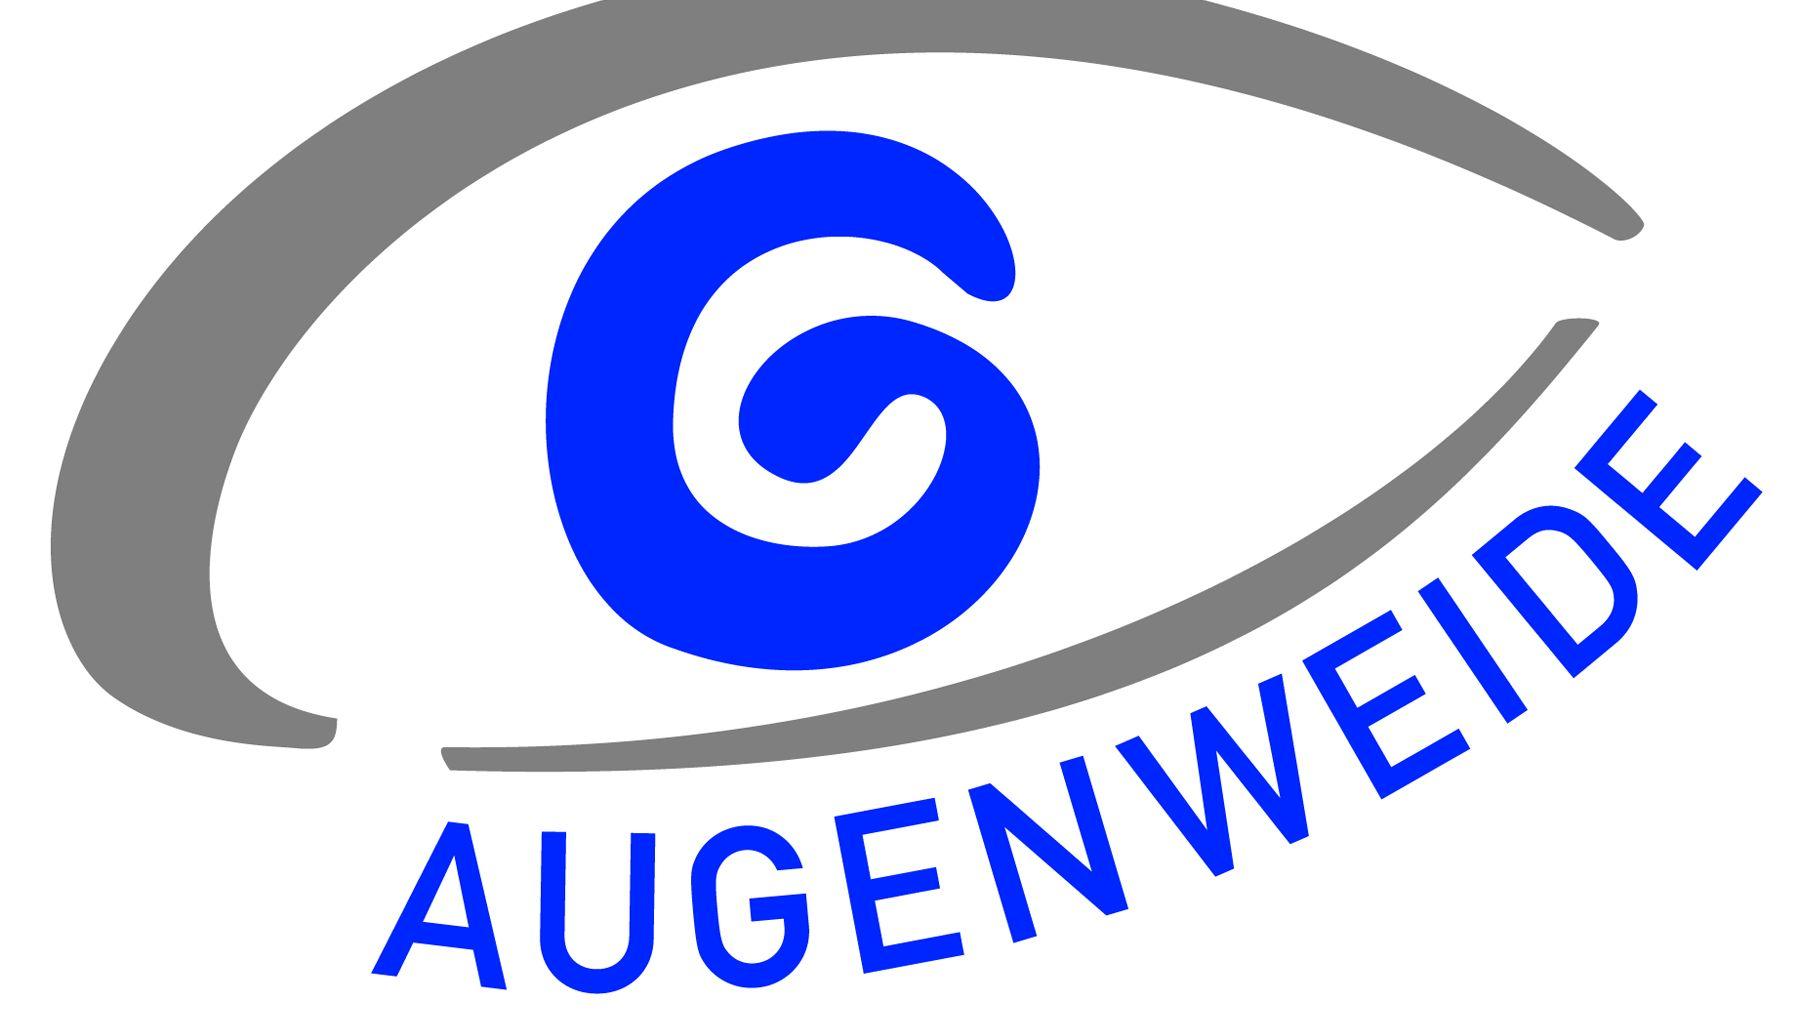 celle-einkaufen-augenweide-logo